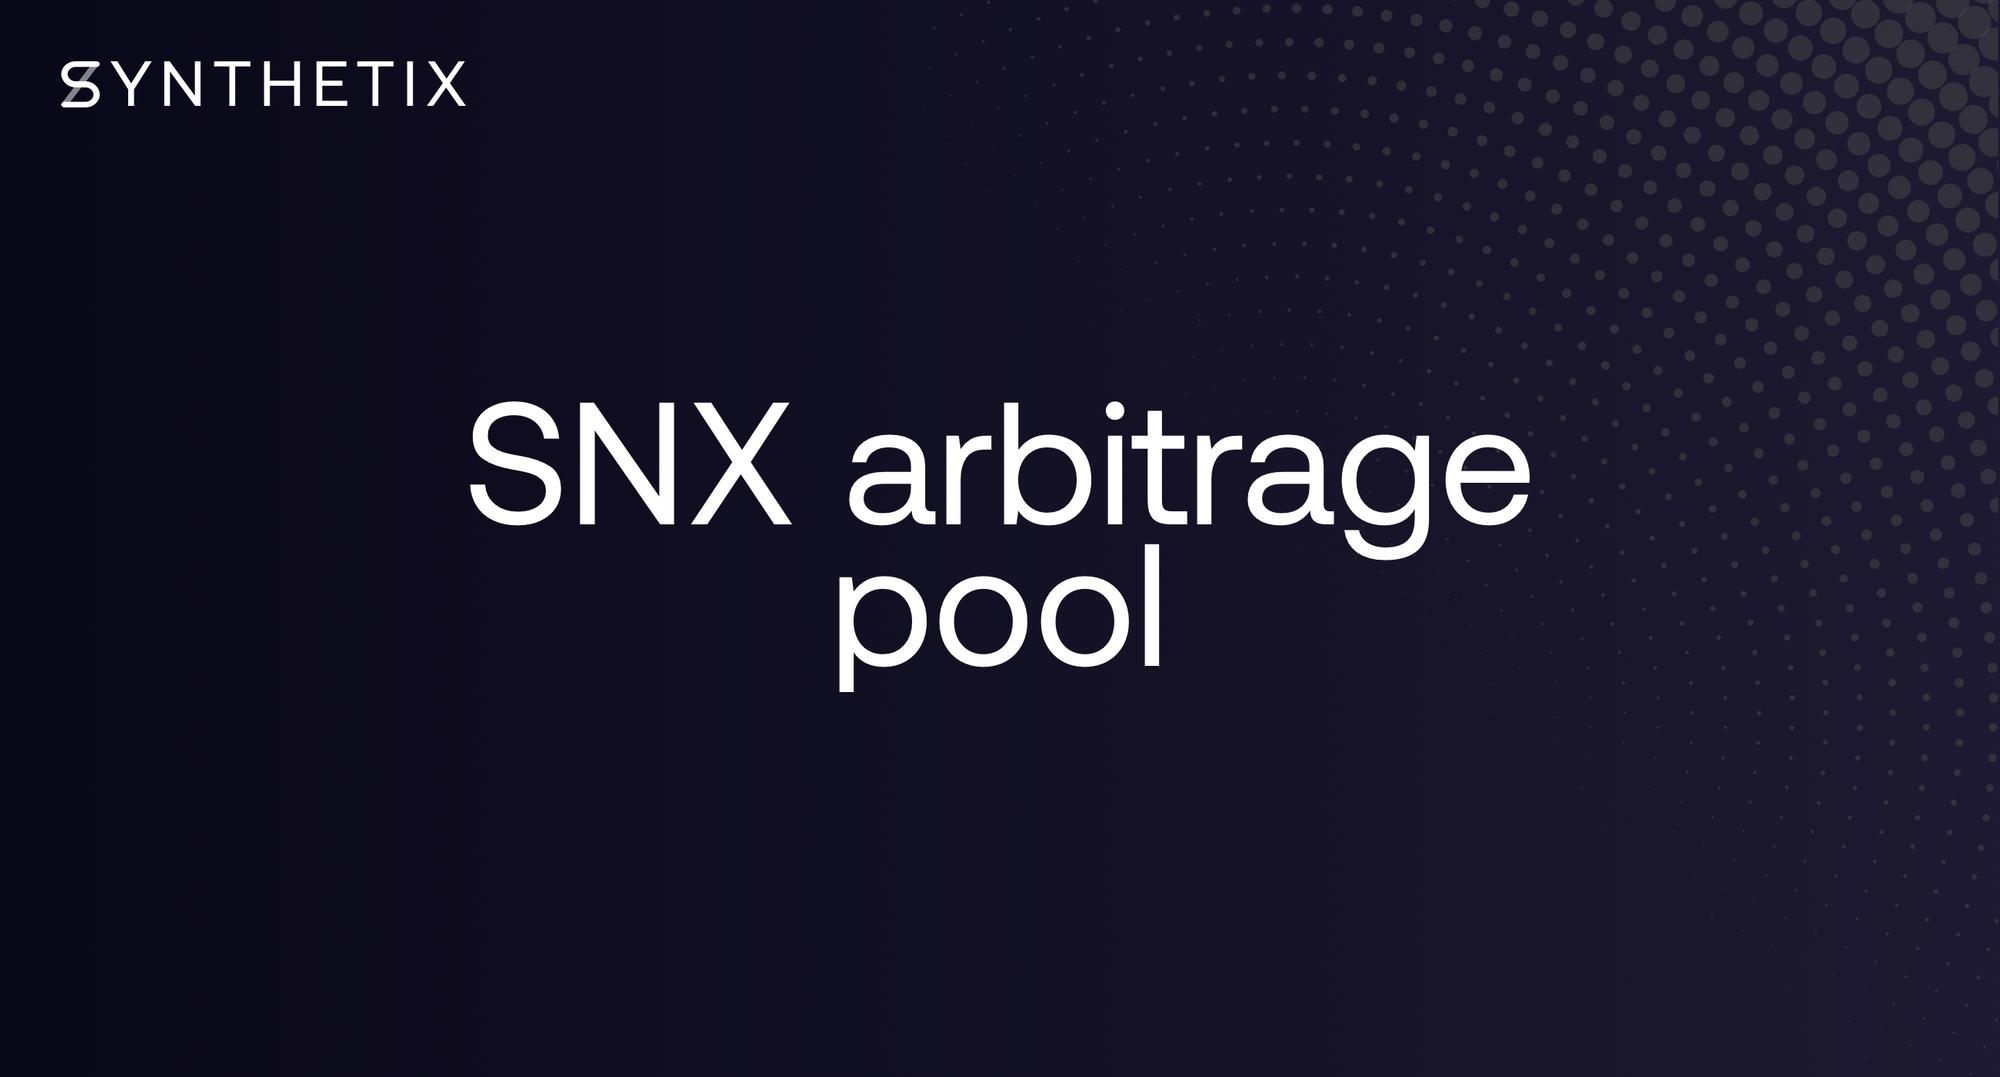 SNX Arbitrage Pool